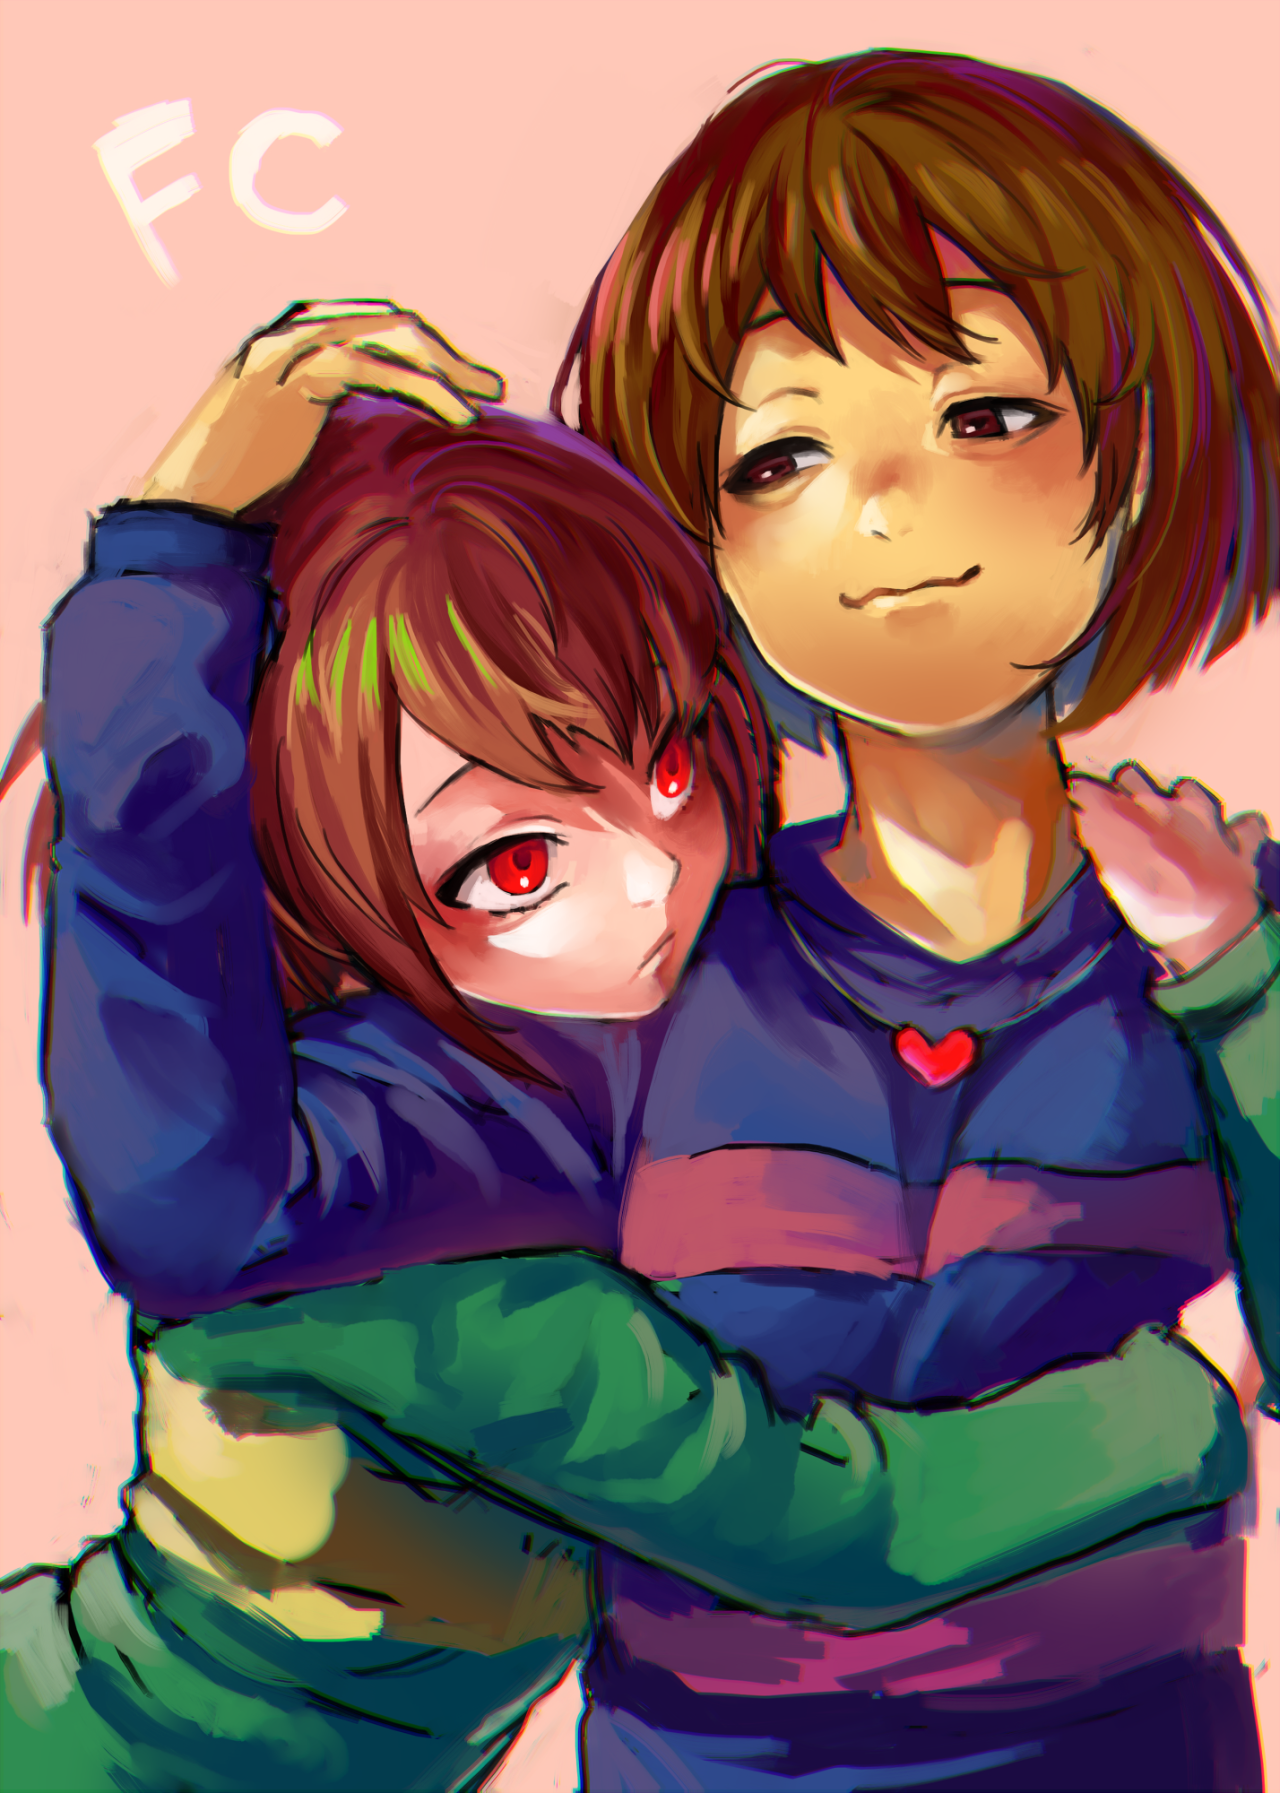 Undertale Mobile Wallpaper 2008664 Zerochan Anime Image Board